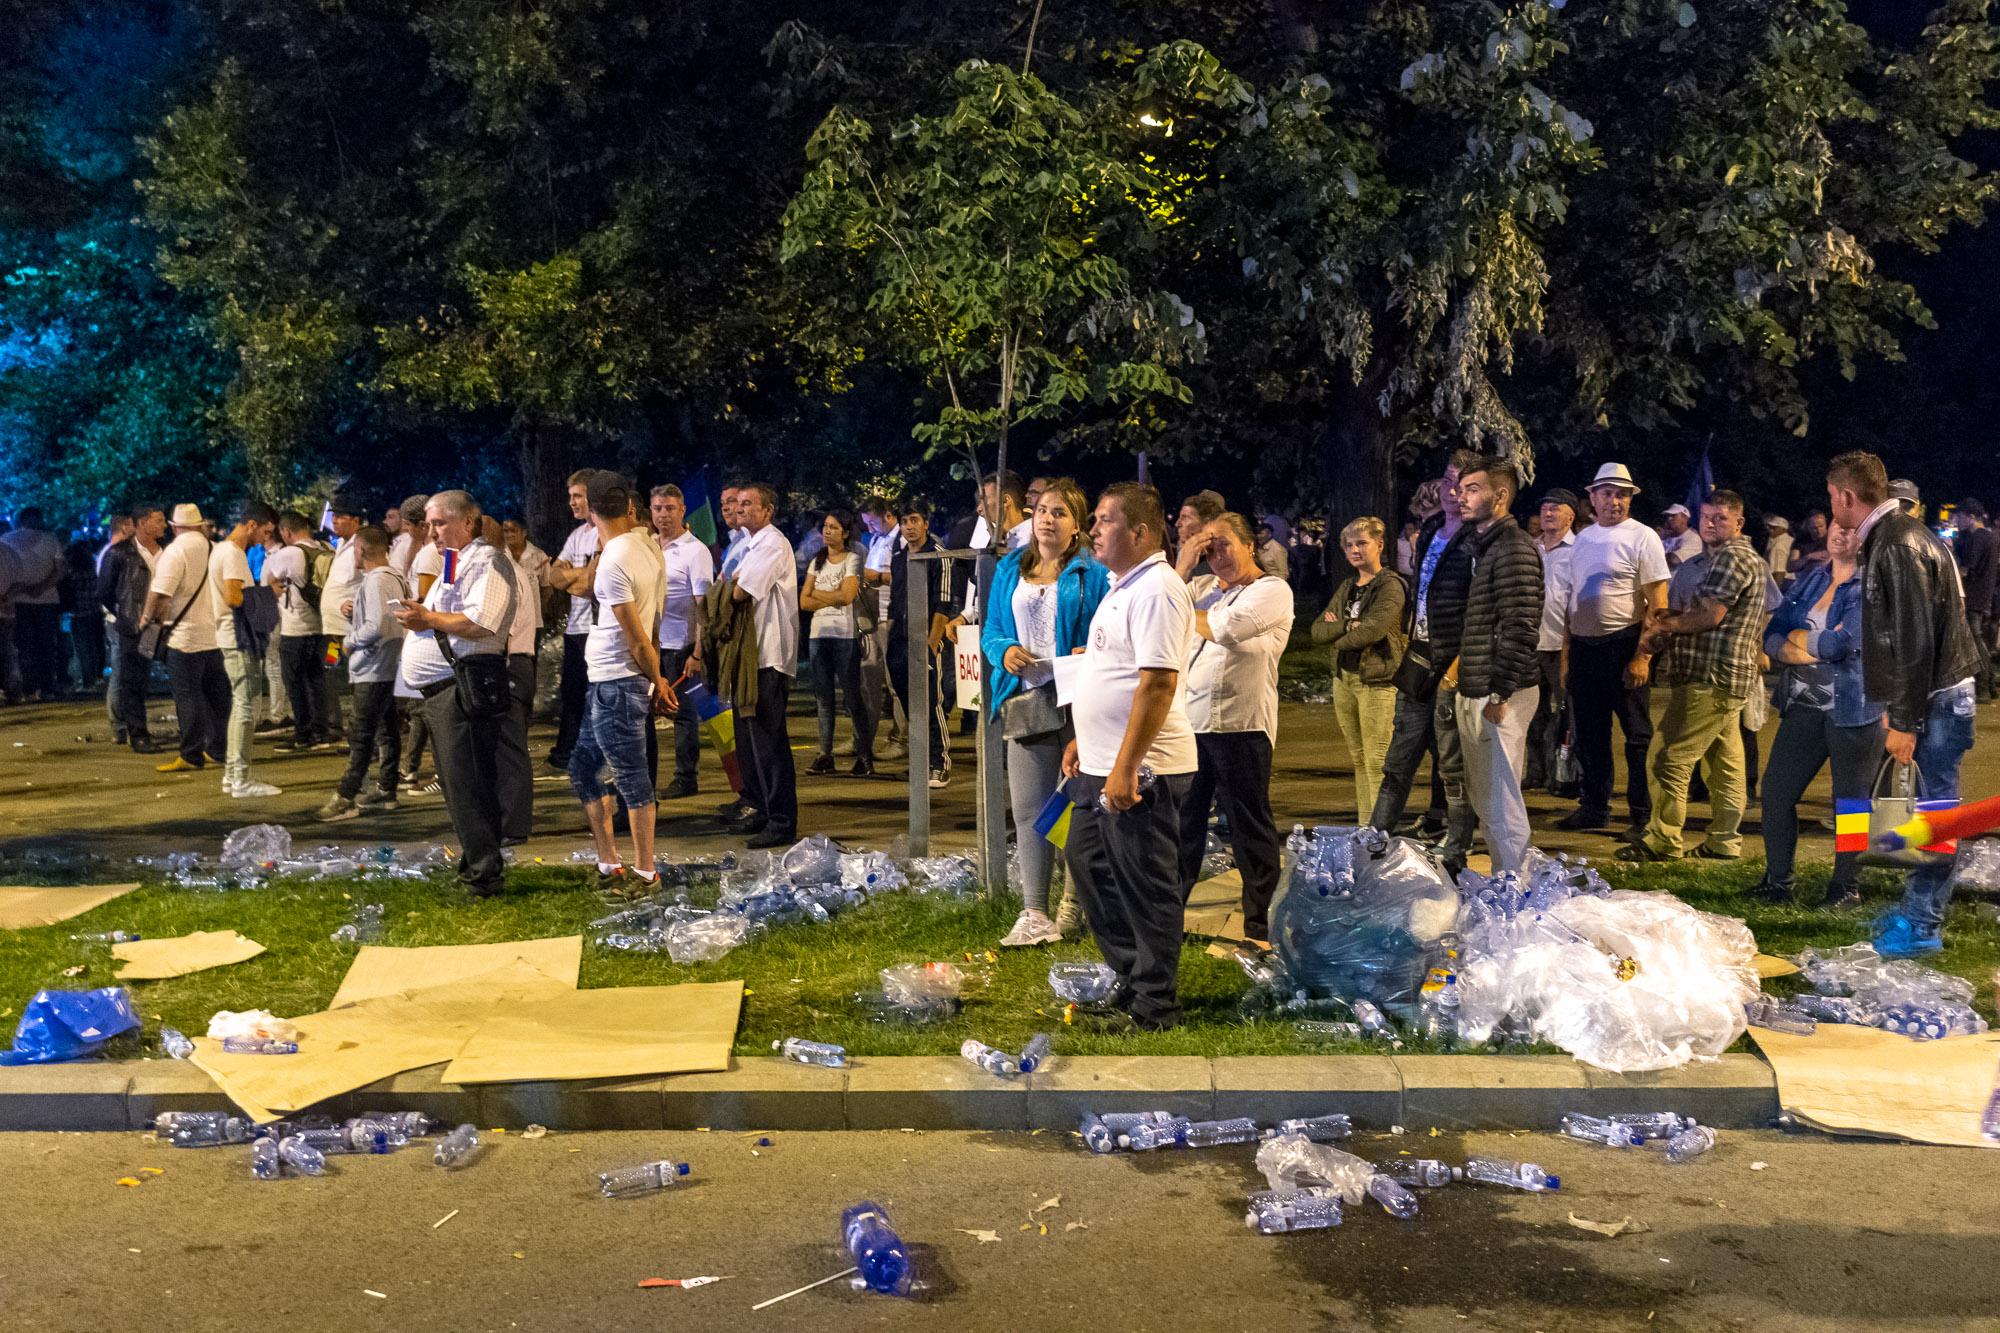 MELE - Cine va pierde de pe urma mitingului PSD-ALDE - Pagina 2 1528628111793-Miting-PSD-mizeria-din-urma-9